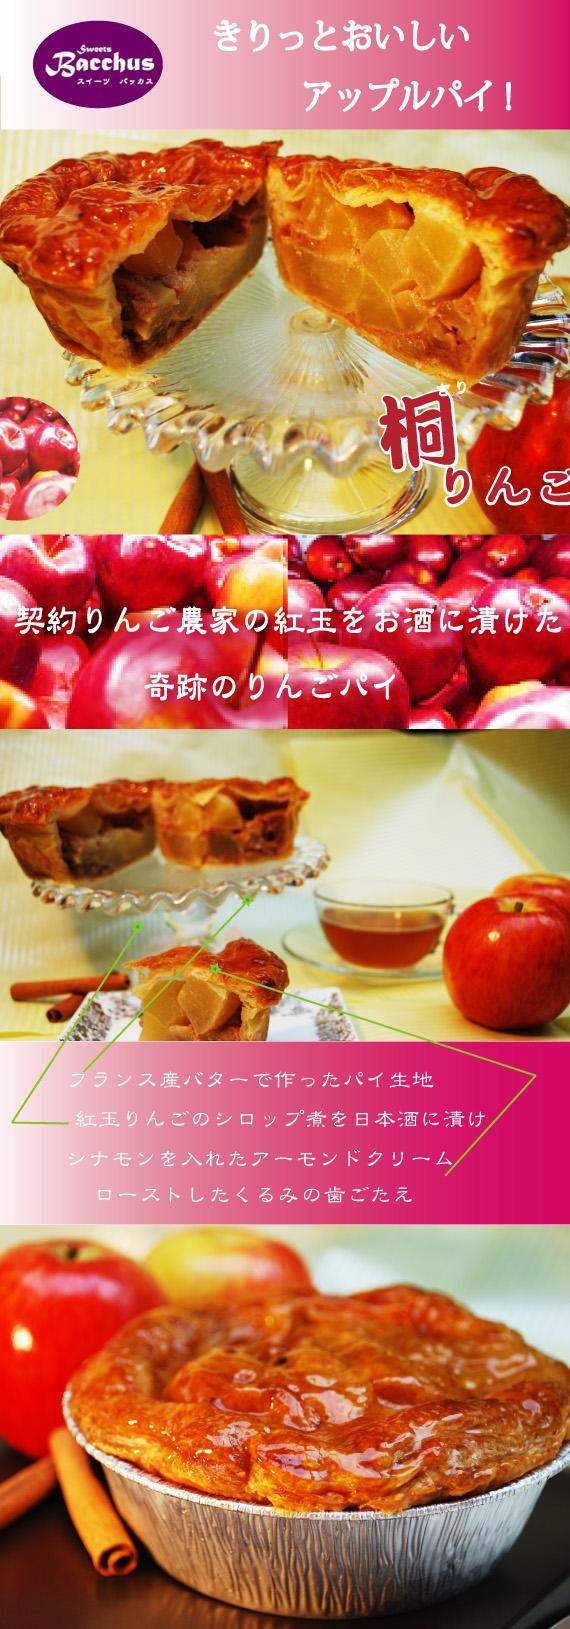 *送料無料*【仏バターと仏粉でサクサクパイ生地/ 日本酒アップルパイ】紅玉りんごとシナモンクリームくるみ入り 奇跡の日本酒りんごパイ「桐りんご」1ホール×3箱セット